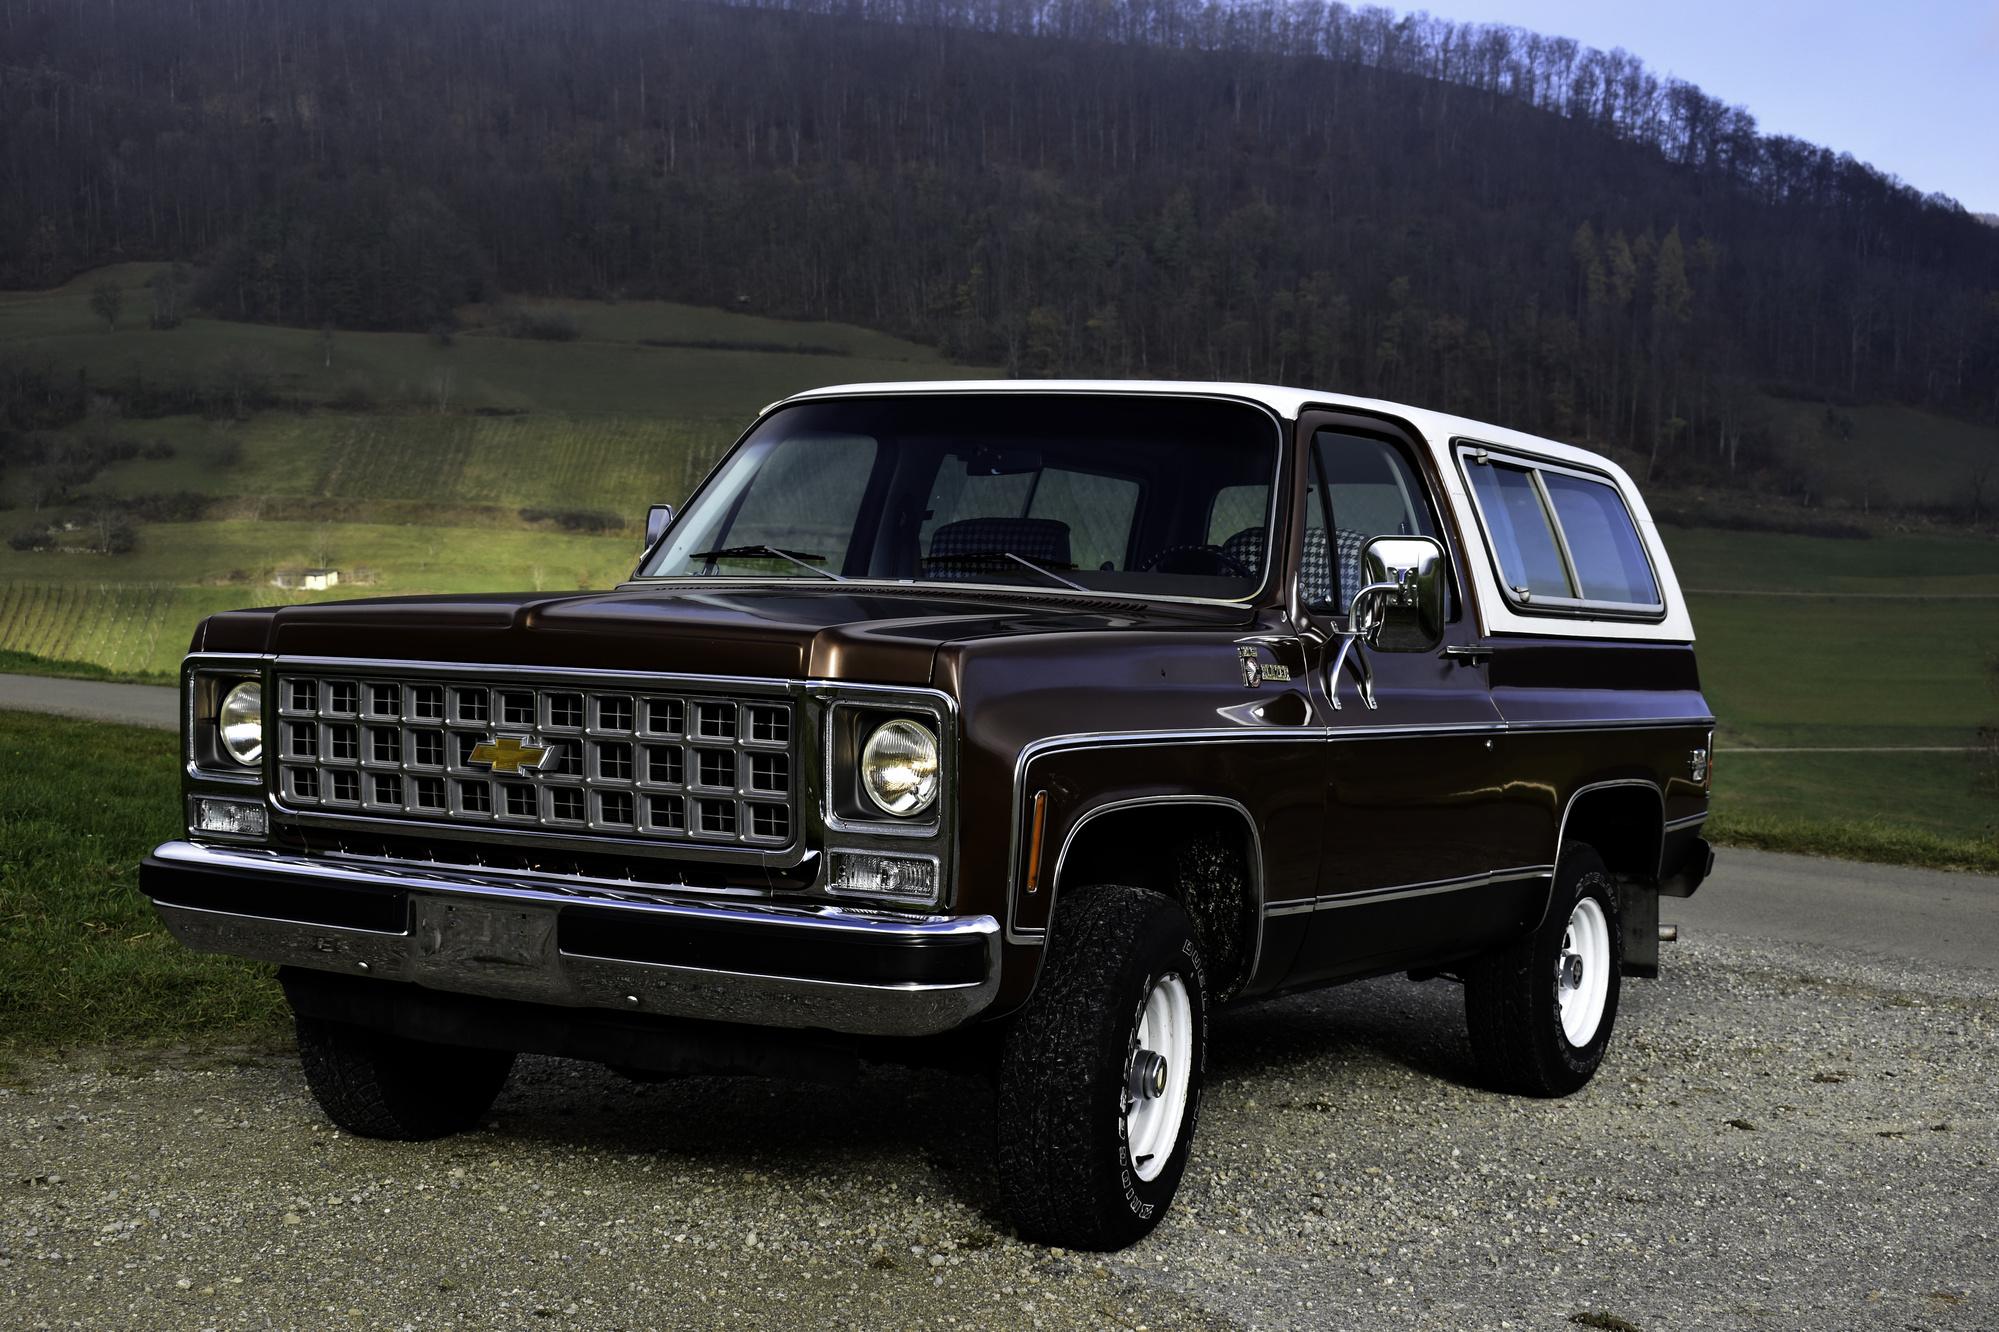 Versteigerung Auktion 1980 Chevrolet Blazer K5 Dreiviertelansicht vorne links